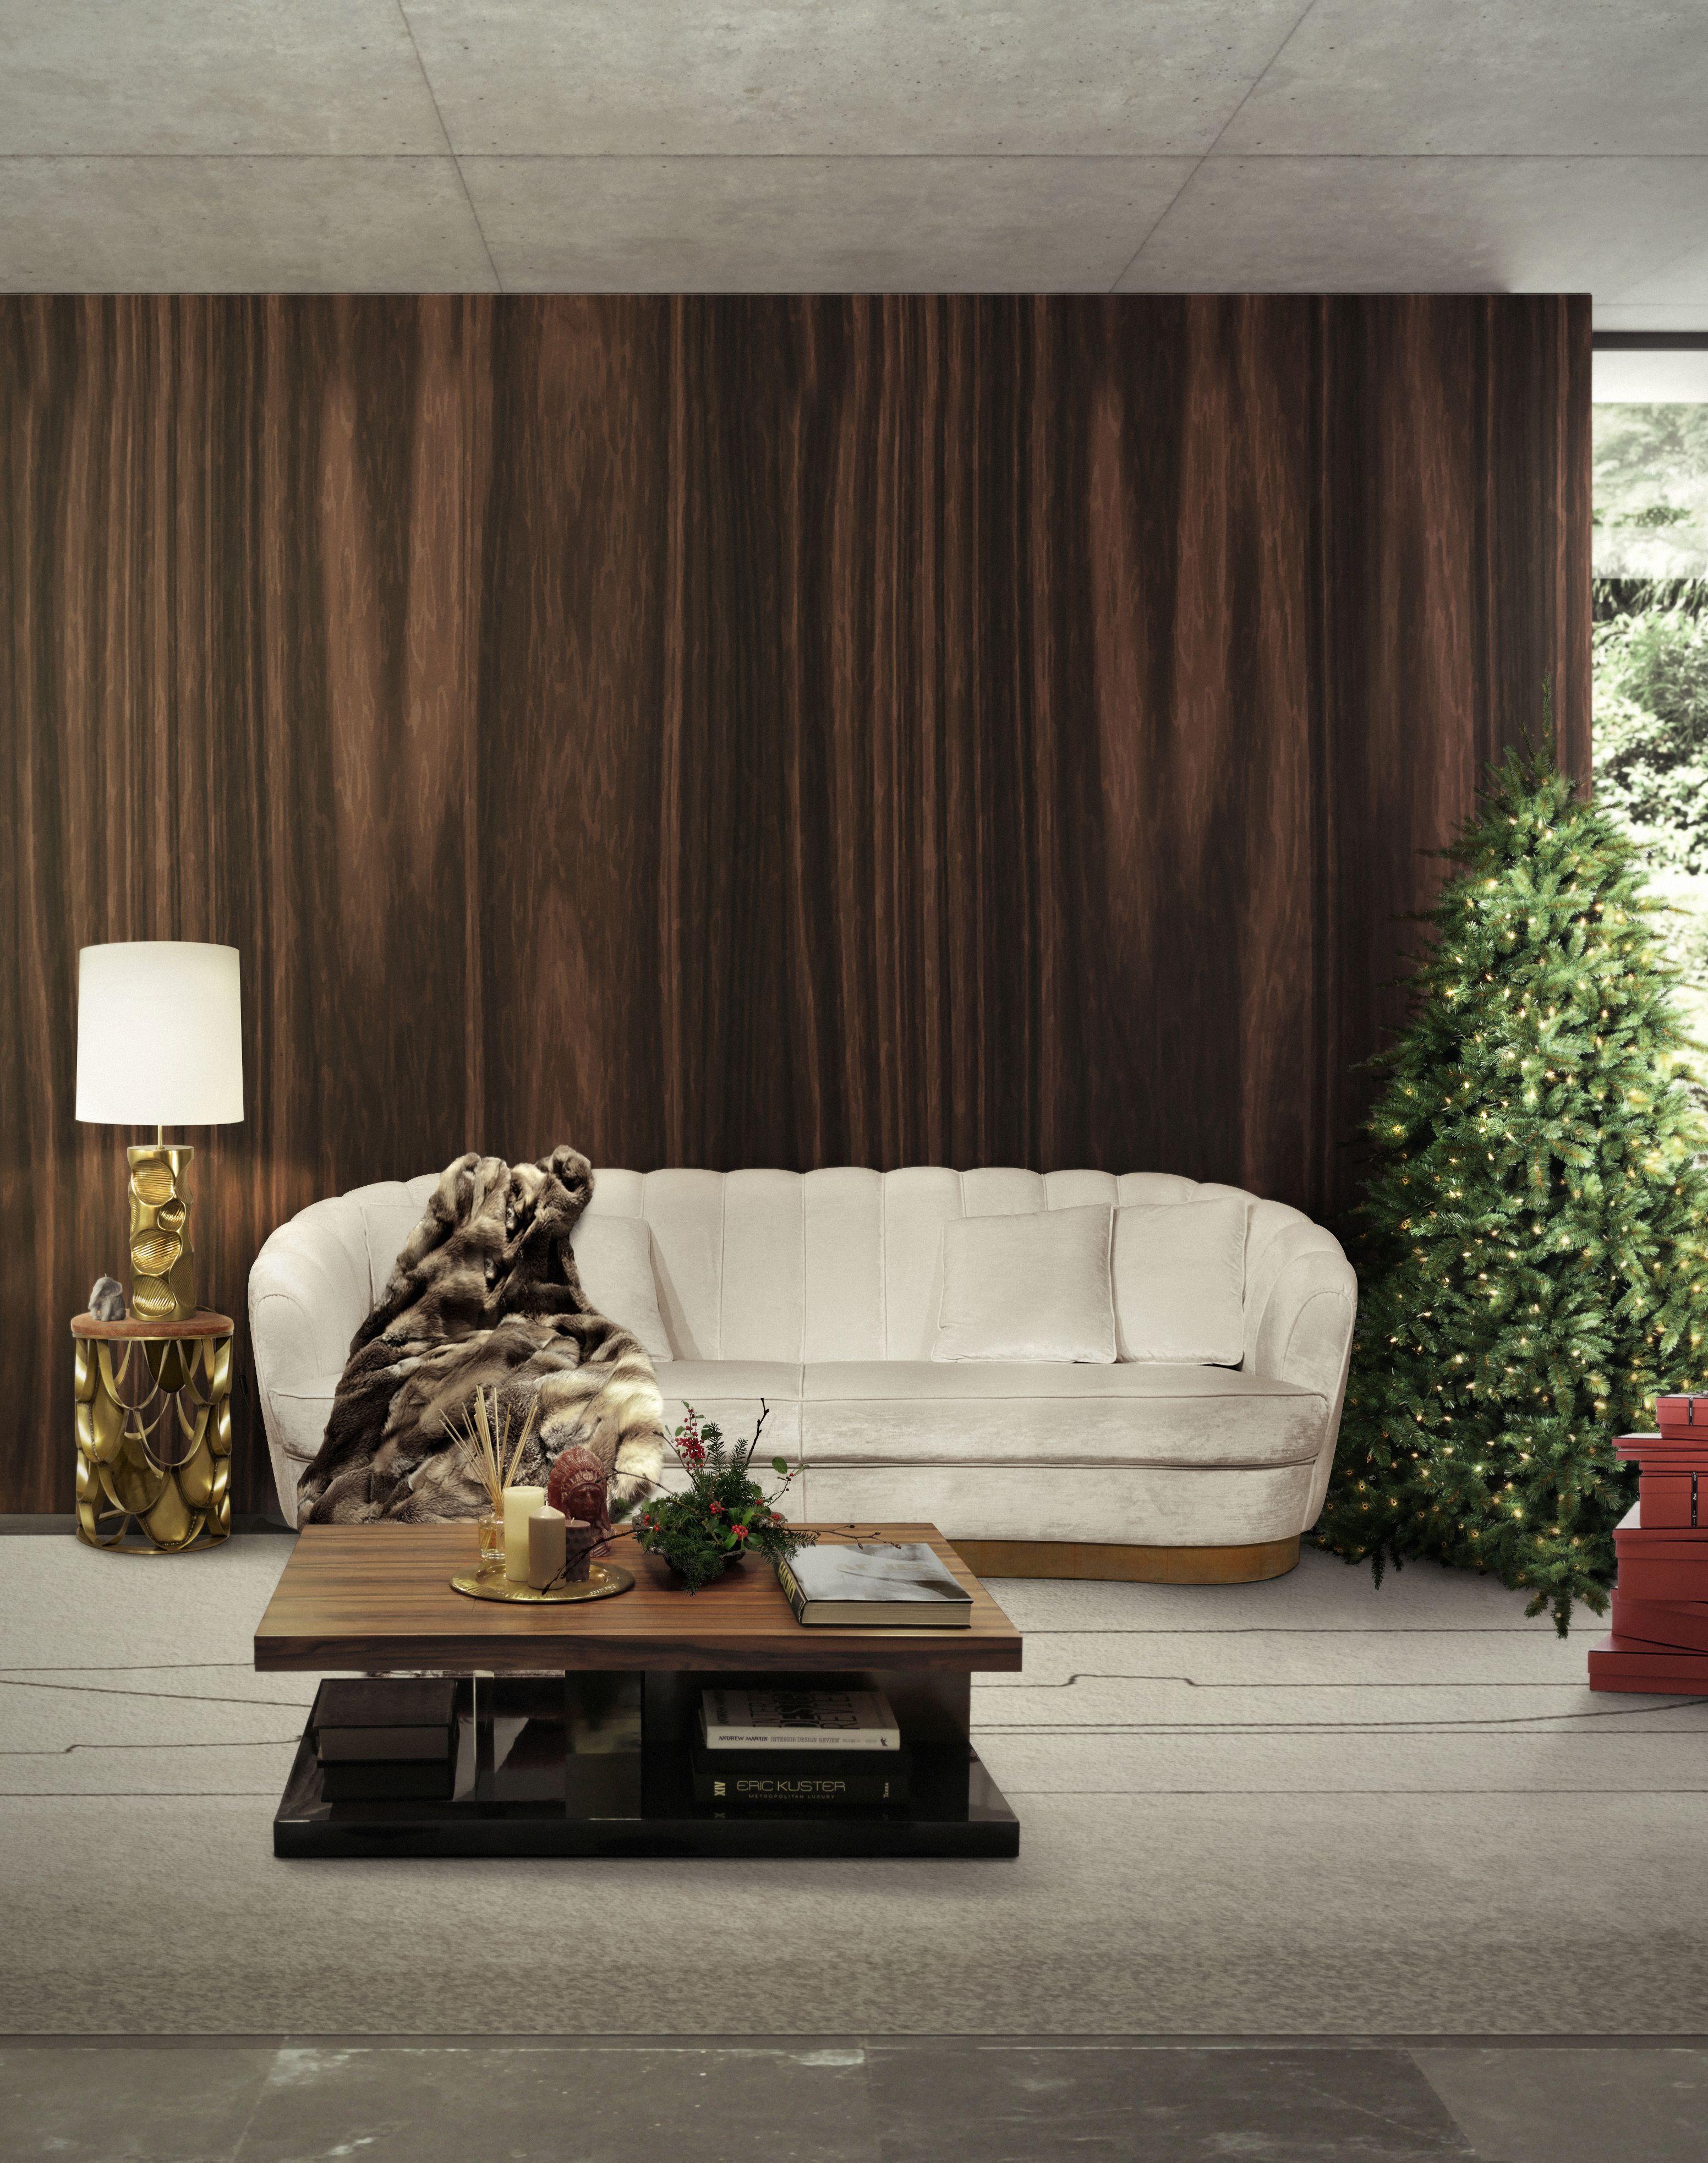 Erstaunliche Samt Polsterei Für Das Perfekte Wohndesign | Samt Polsterei |  Messing Möbel | BRABBU Inspirationen